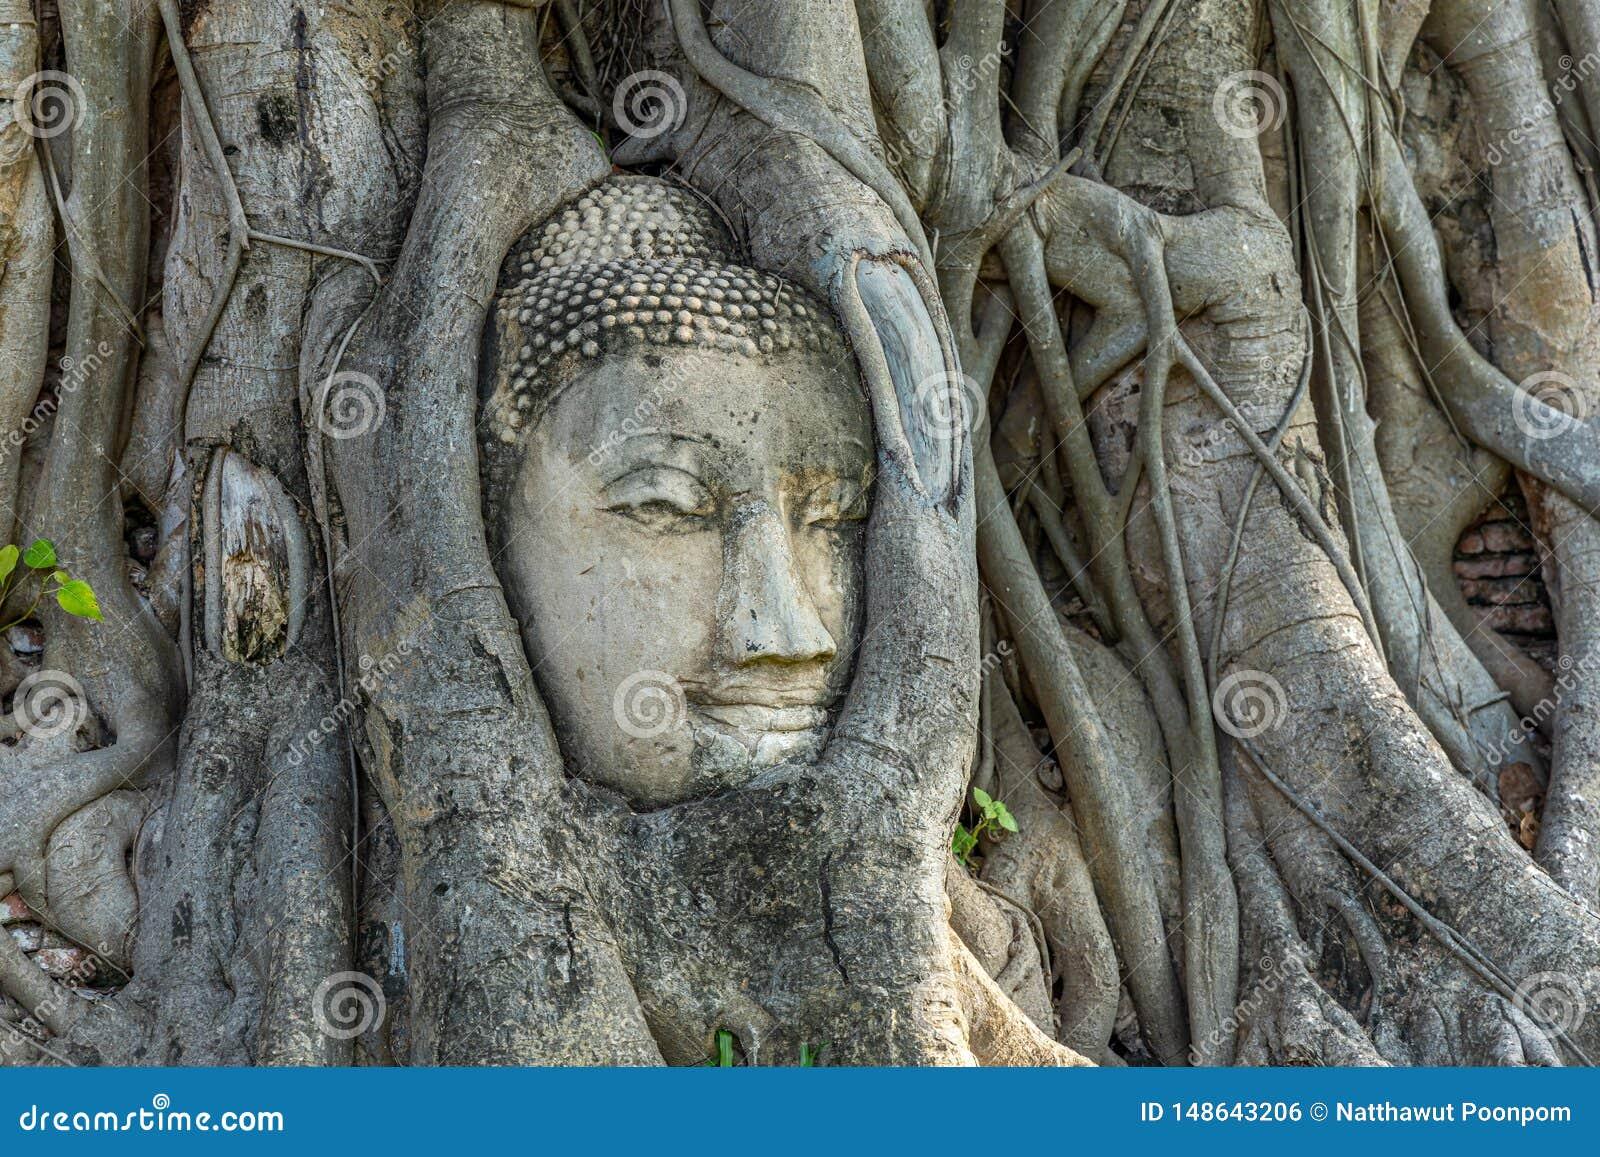 Mahathattempel in het gebied van het Historische Park van Sukhothai